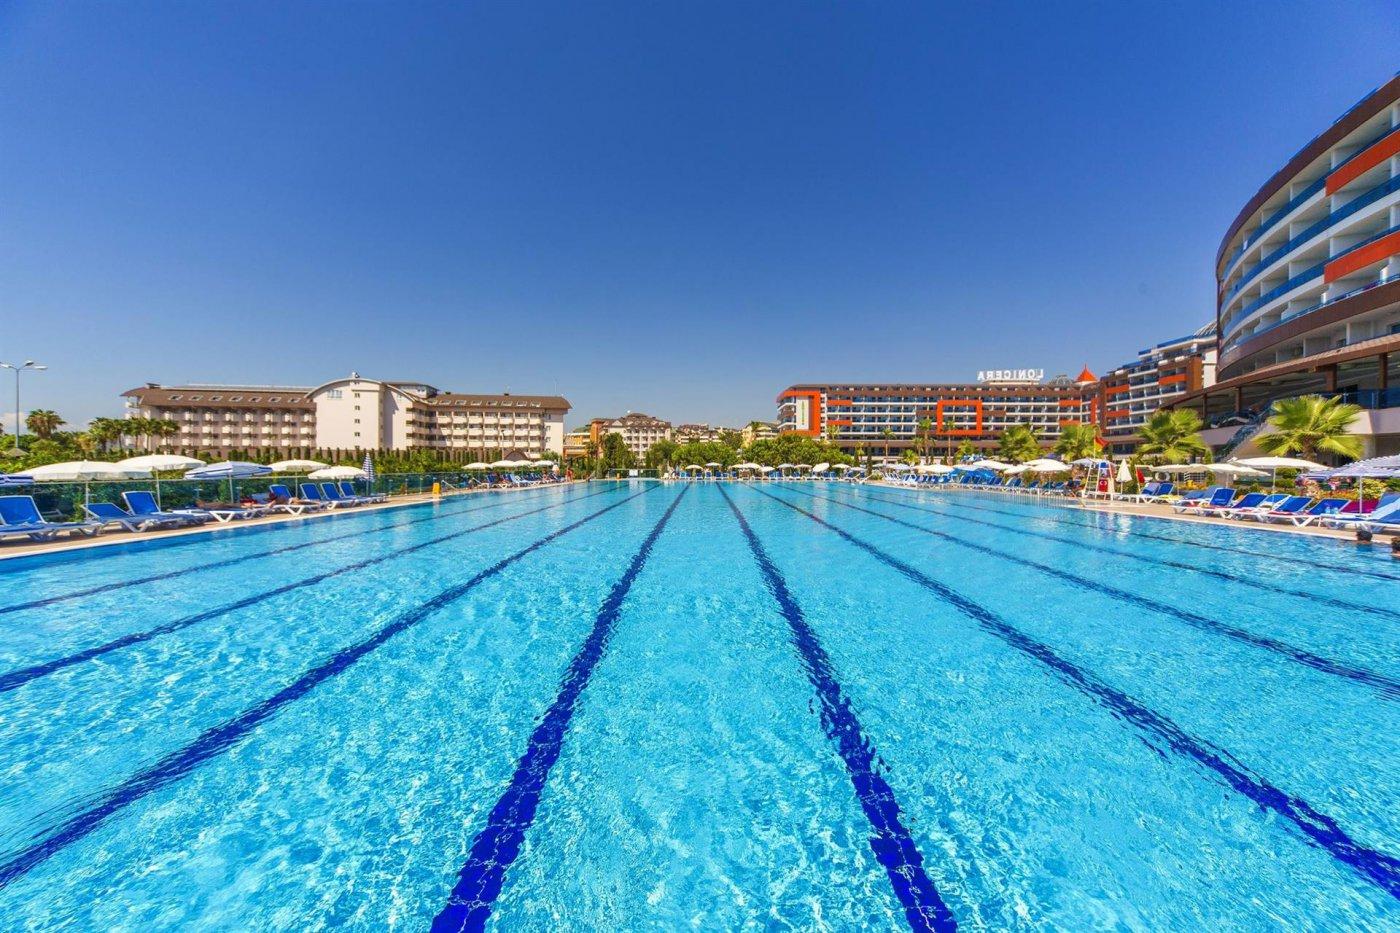 Бассейн отеля Lonicera Resort & Spa 5* (Лонисера Резорт энд Спа 5*)